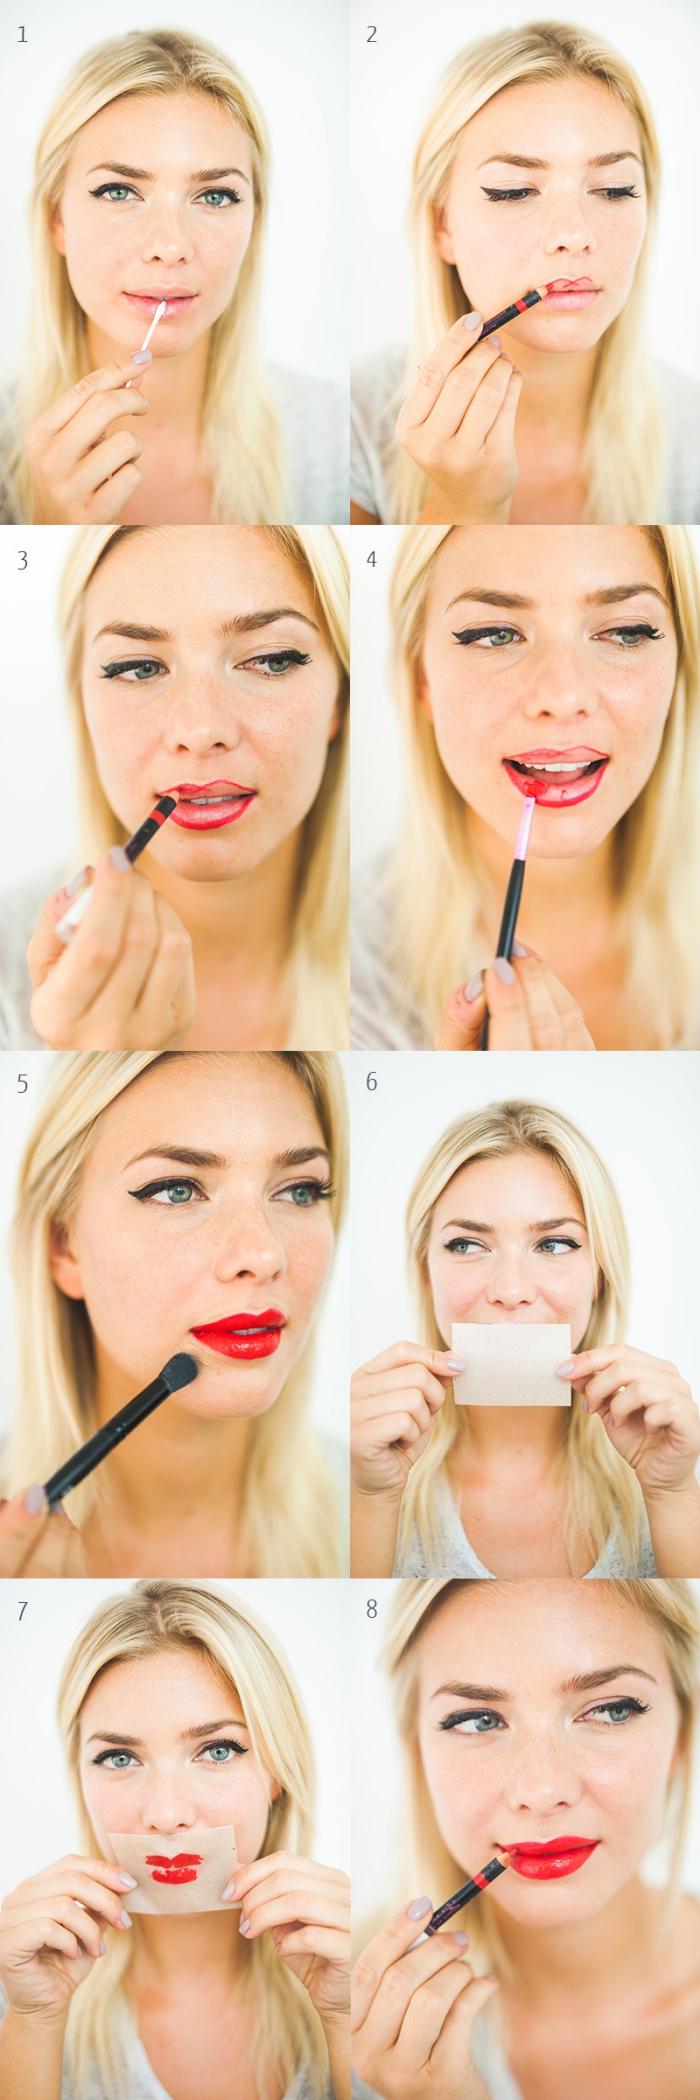 tutorial per realizzare un trucco rossetto rosso con pennello e matita, ragazza bionda con gli occhi azzurri